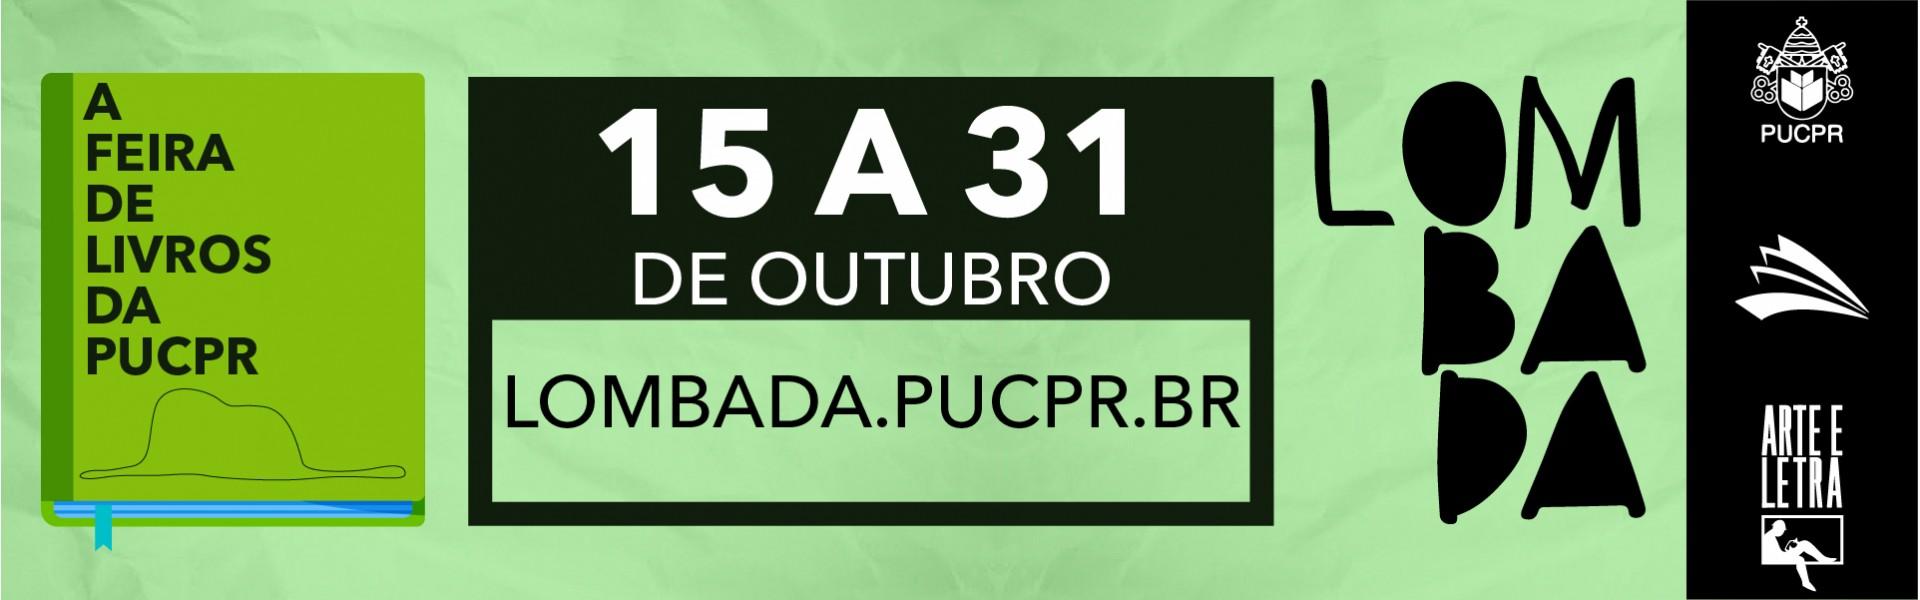 FEIRA DO LIVRO DA PUC